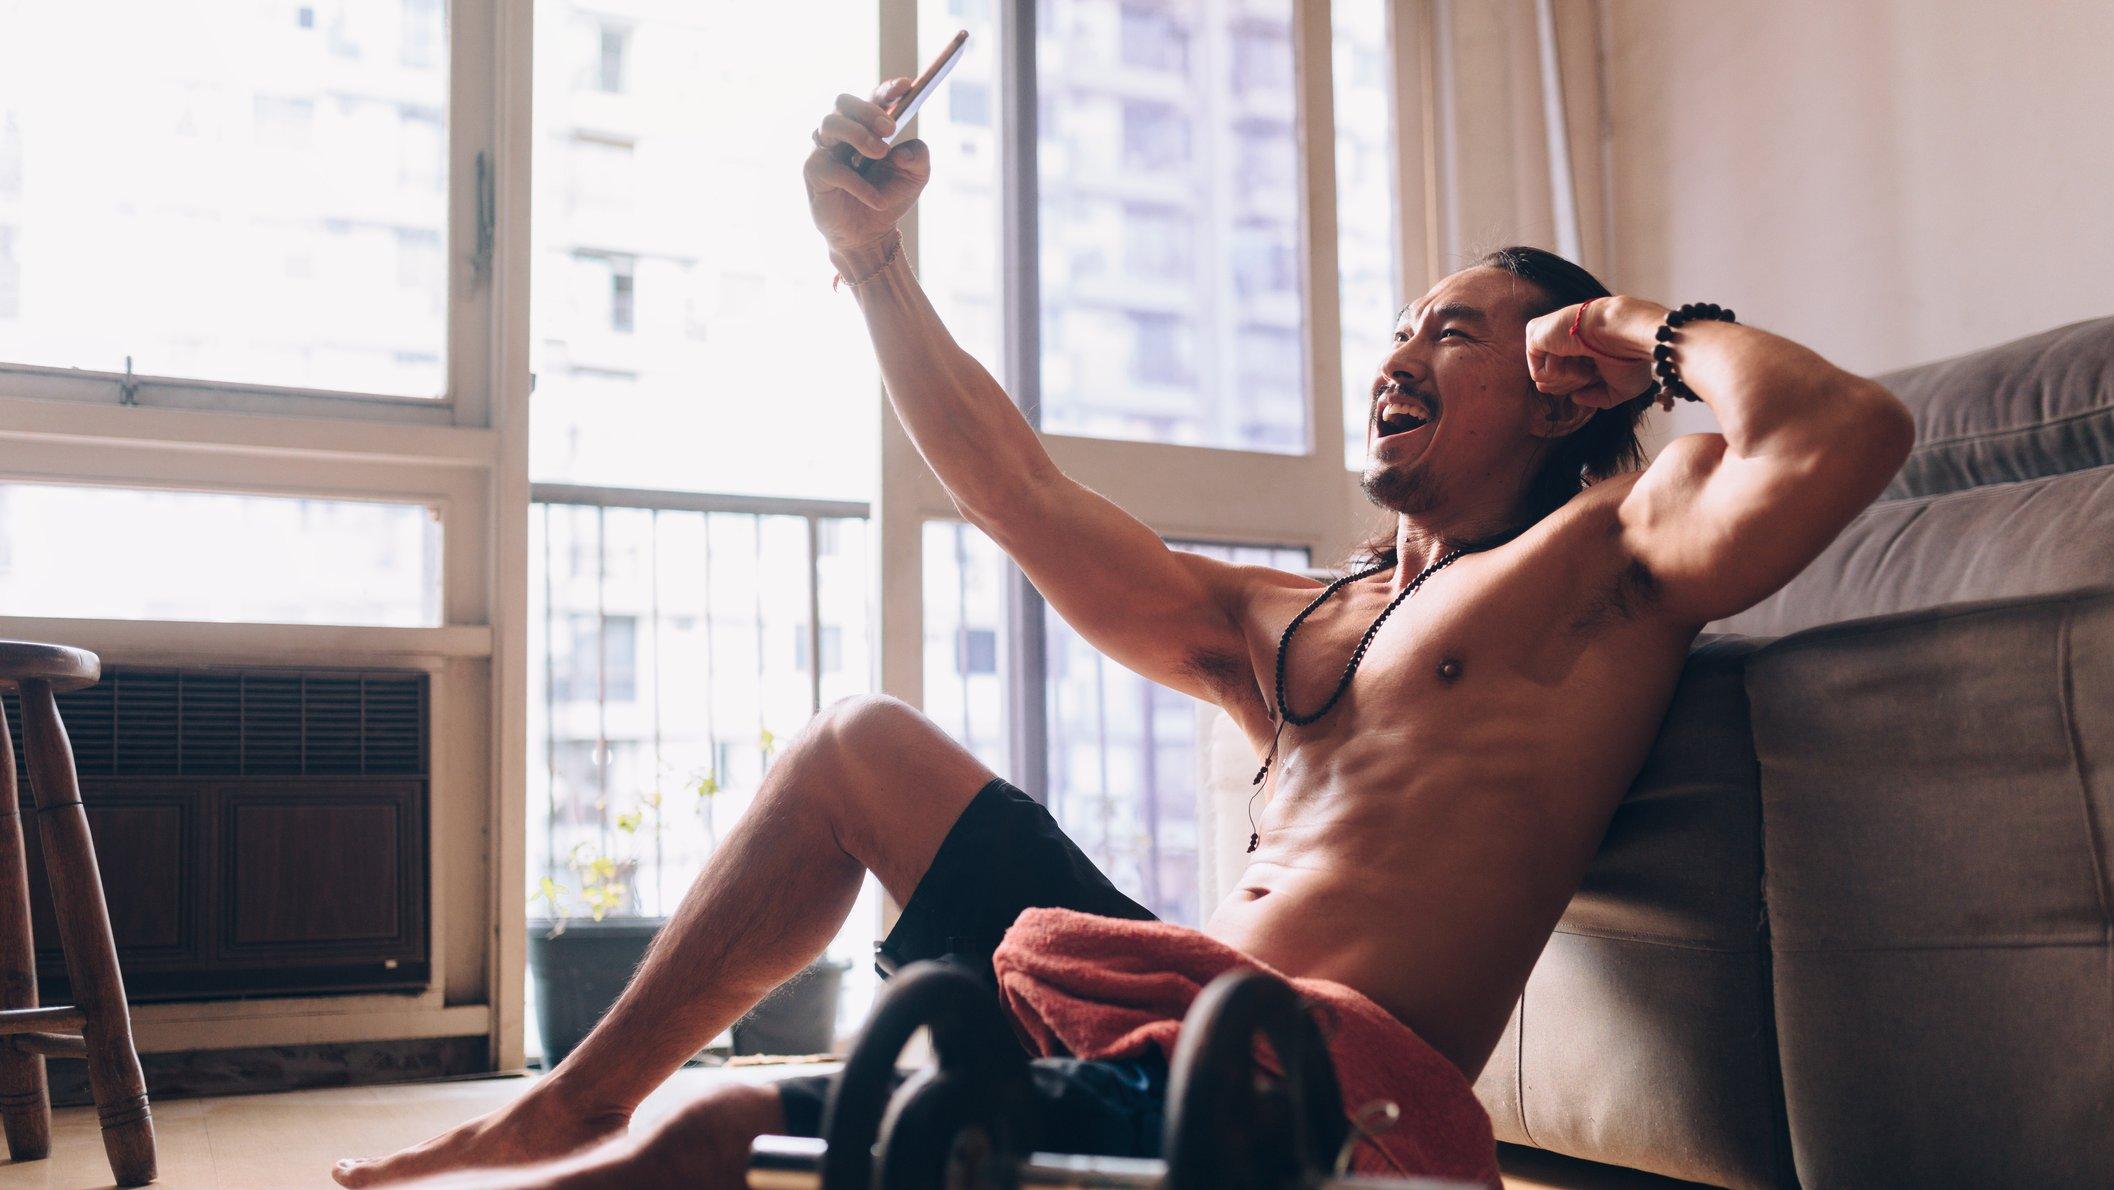 Vores kroppe er i fokus som aldrig før, hvilket gør vores kropssyn til et aktuelt tema.